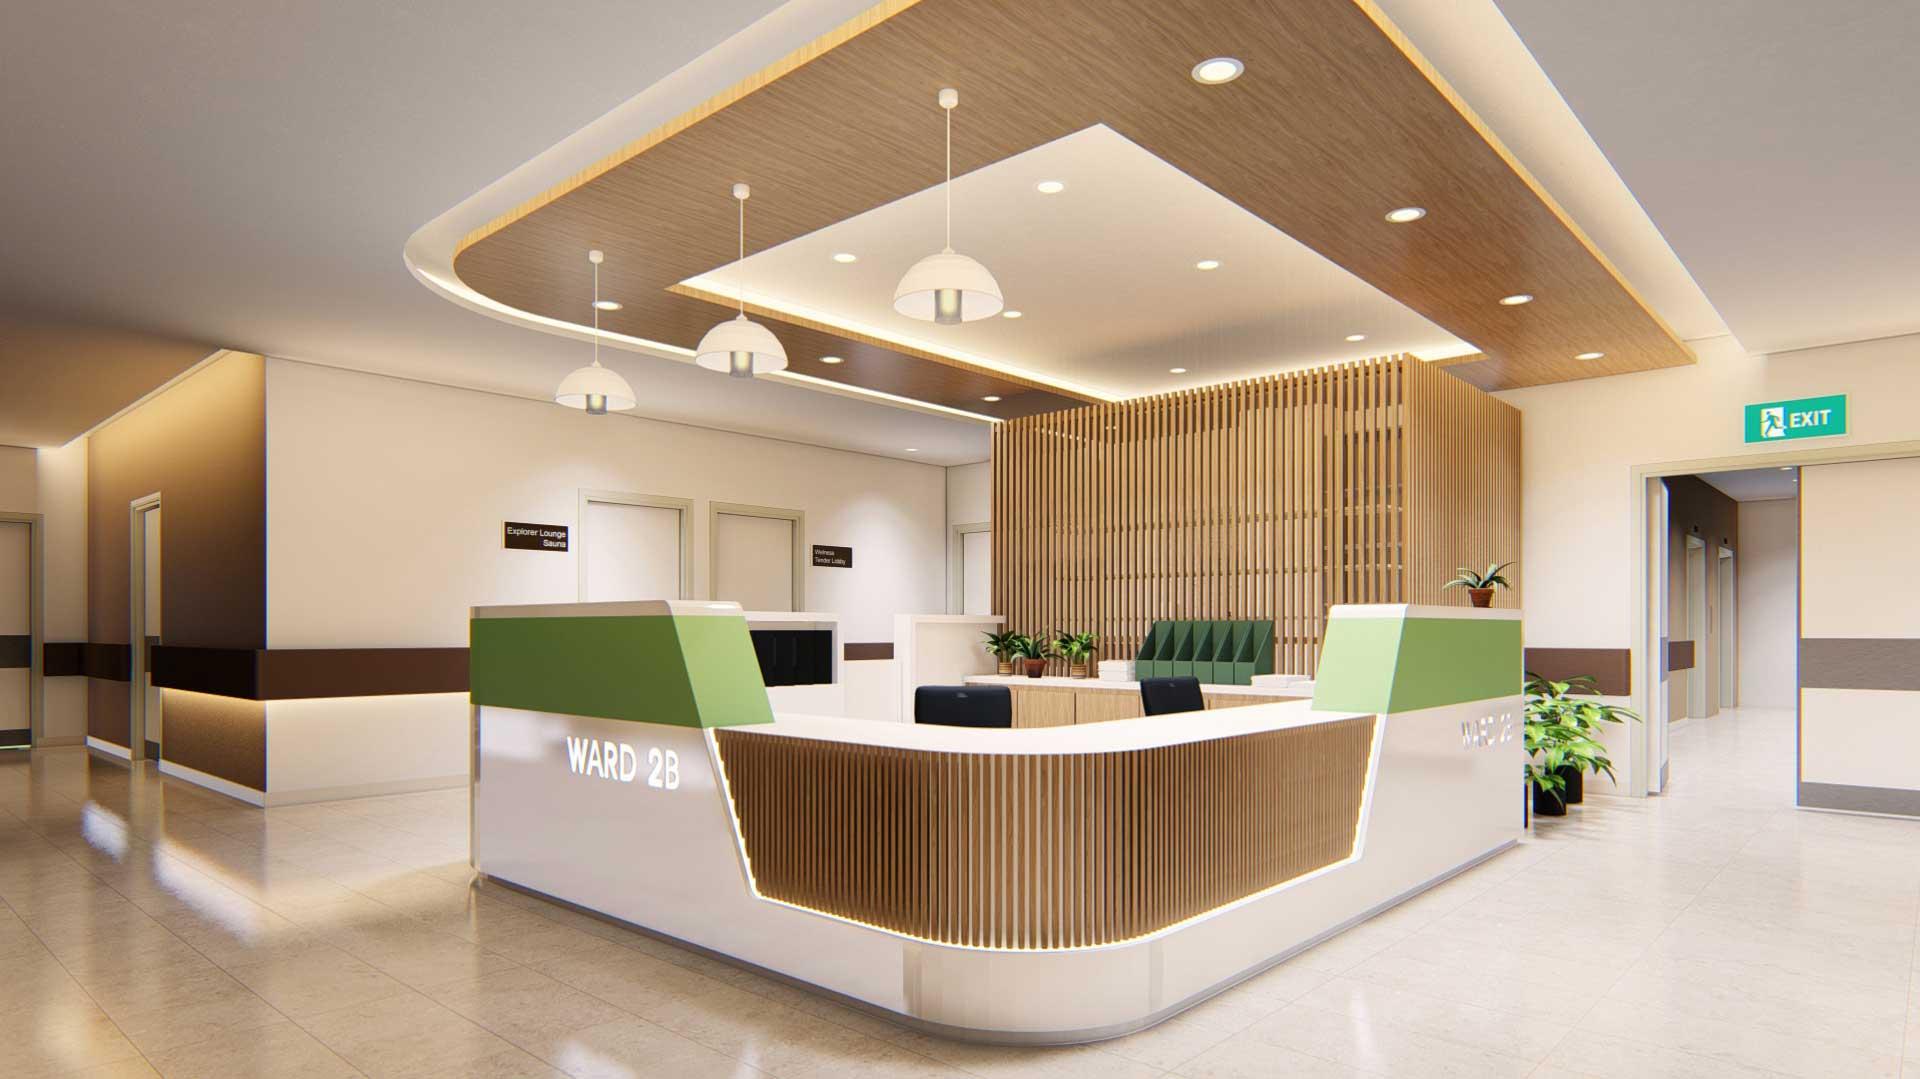 Pantai Hospital Ipoh Lobby Design